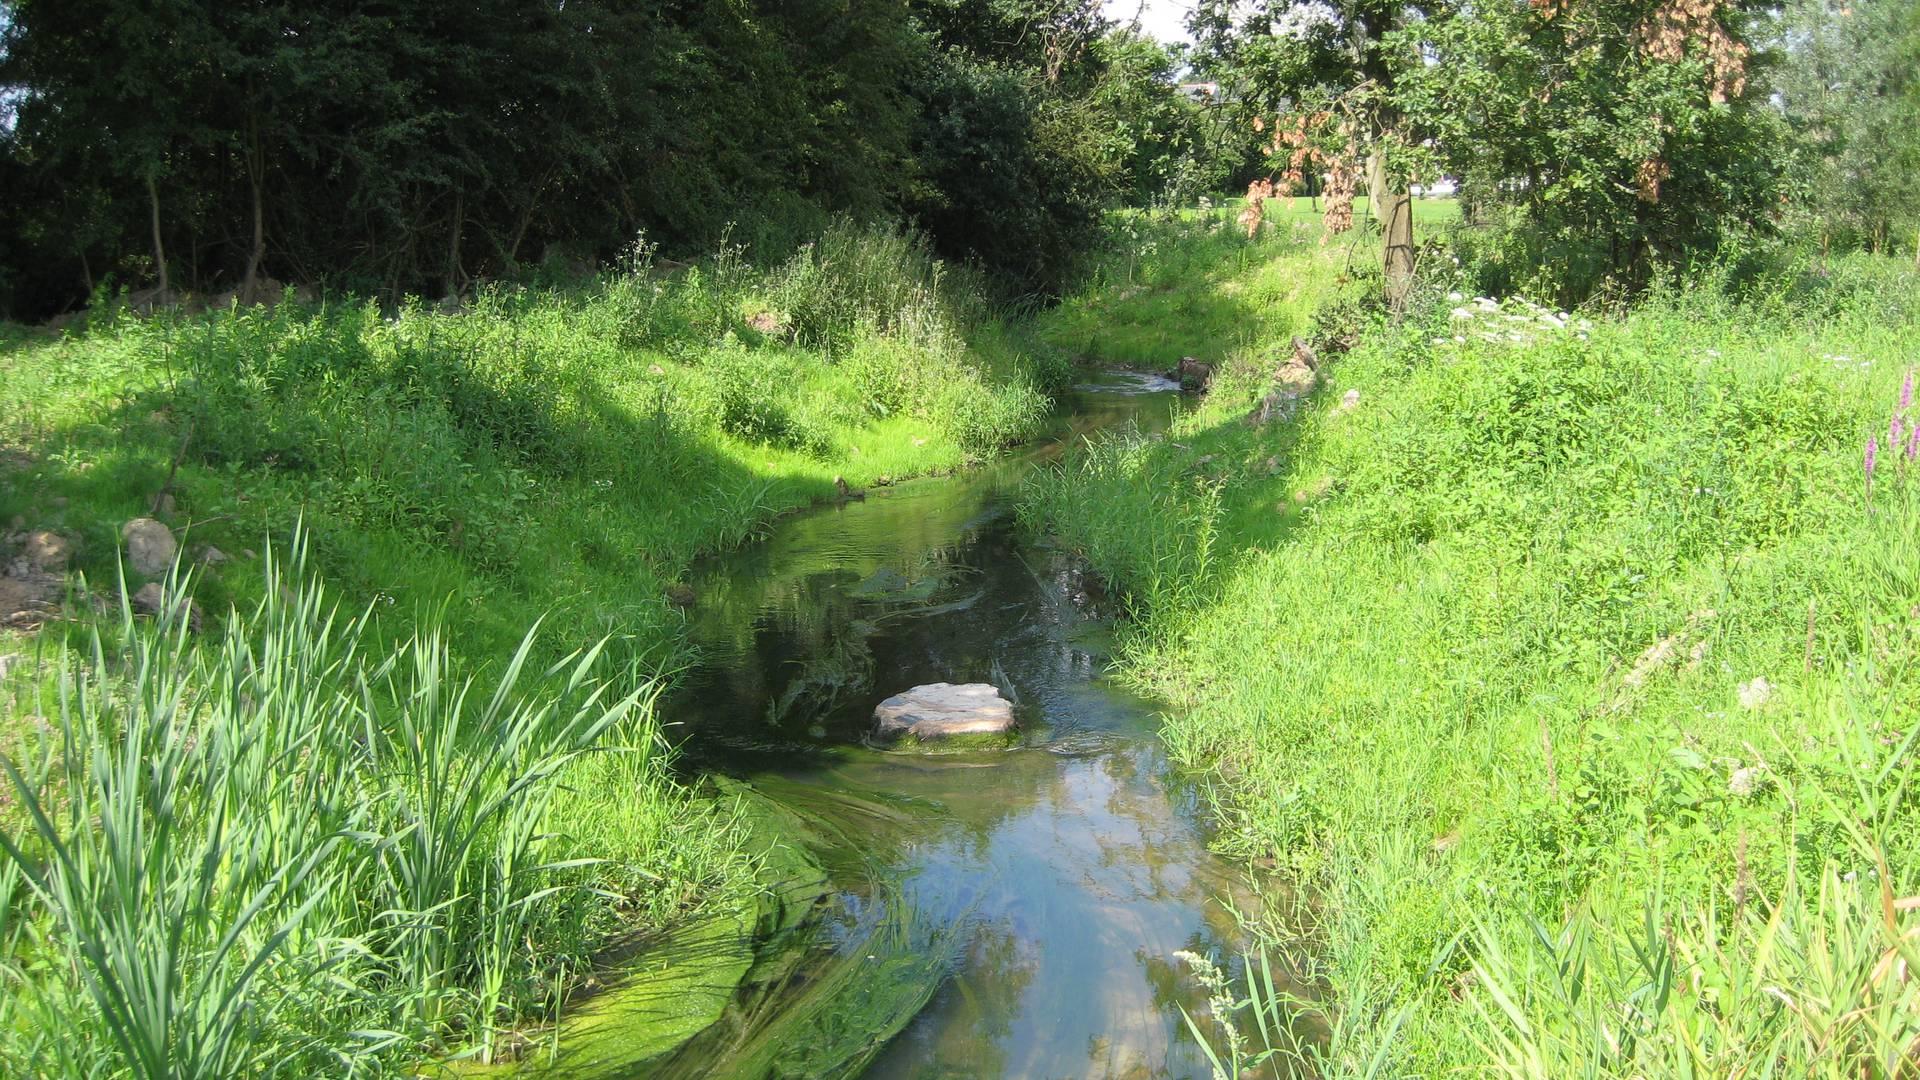 Ruisseau le Geer - copyright Juline Mols